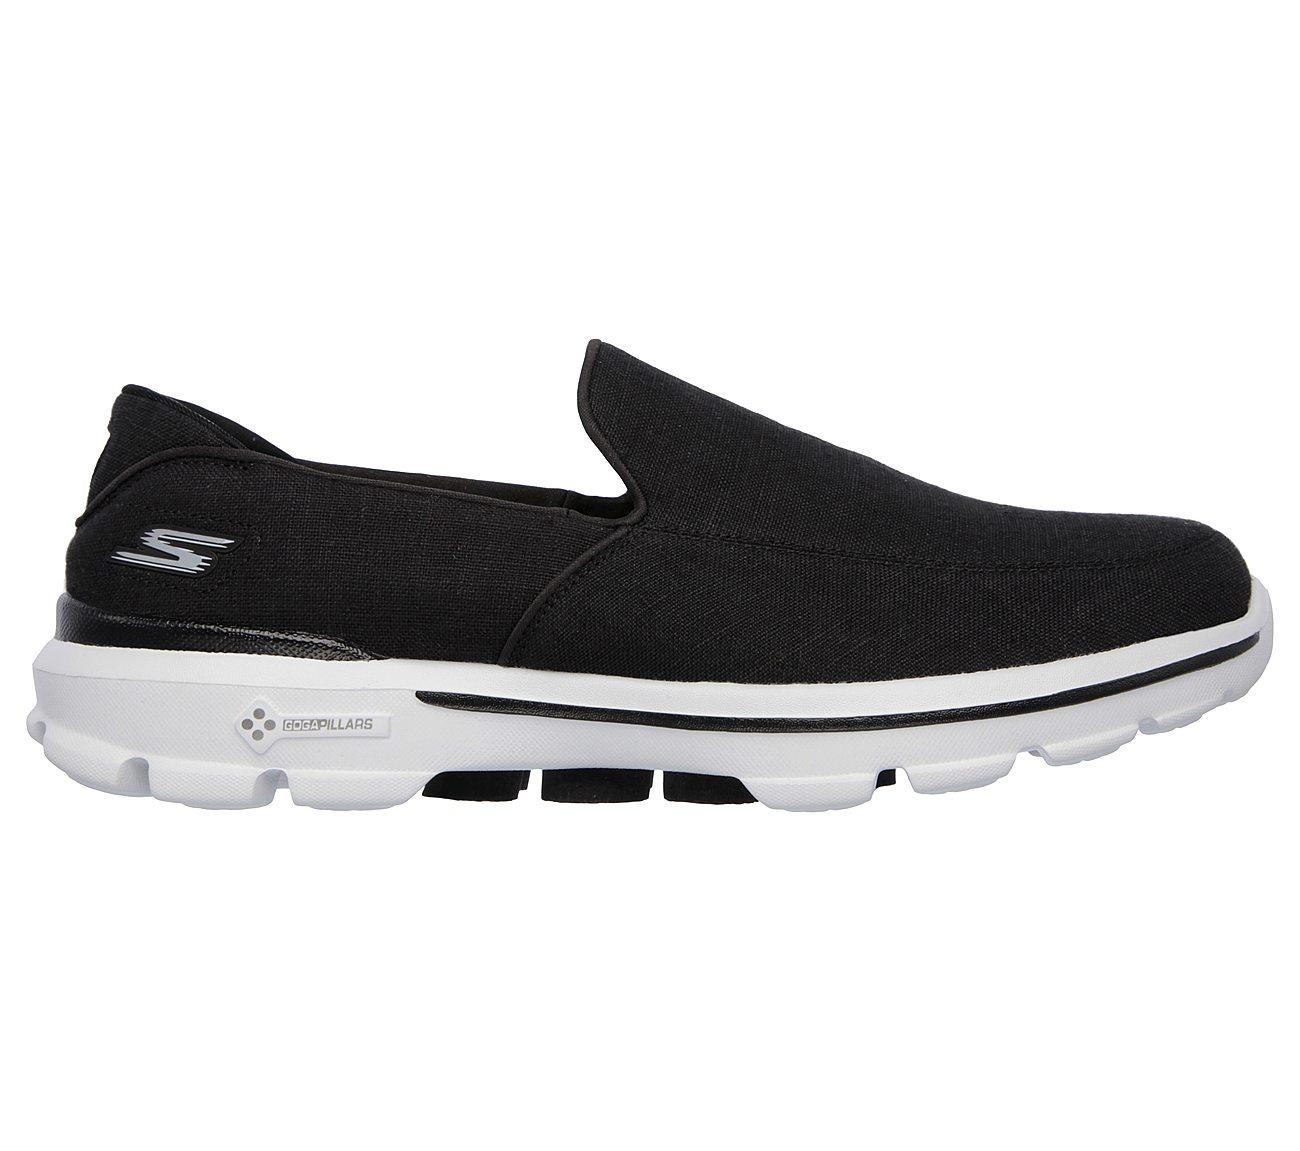 a42c58462dc6 Buy SKECHERS Skechers GOwalk 3 - Breaker Skechers Performance Shoes ...